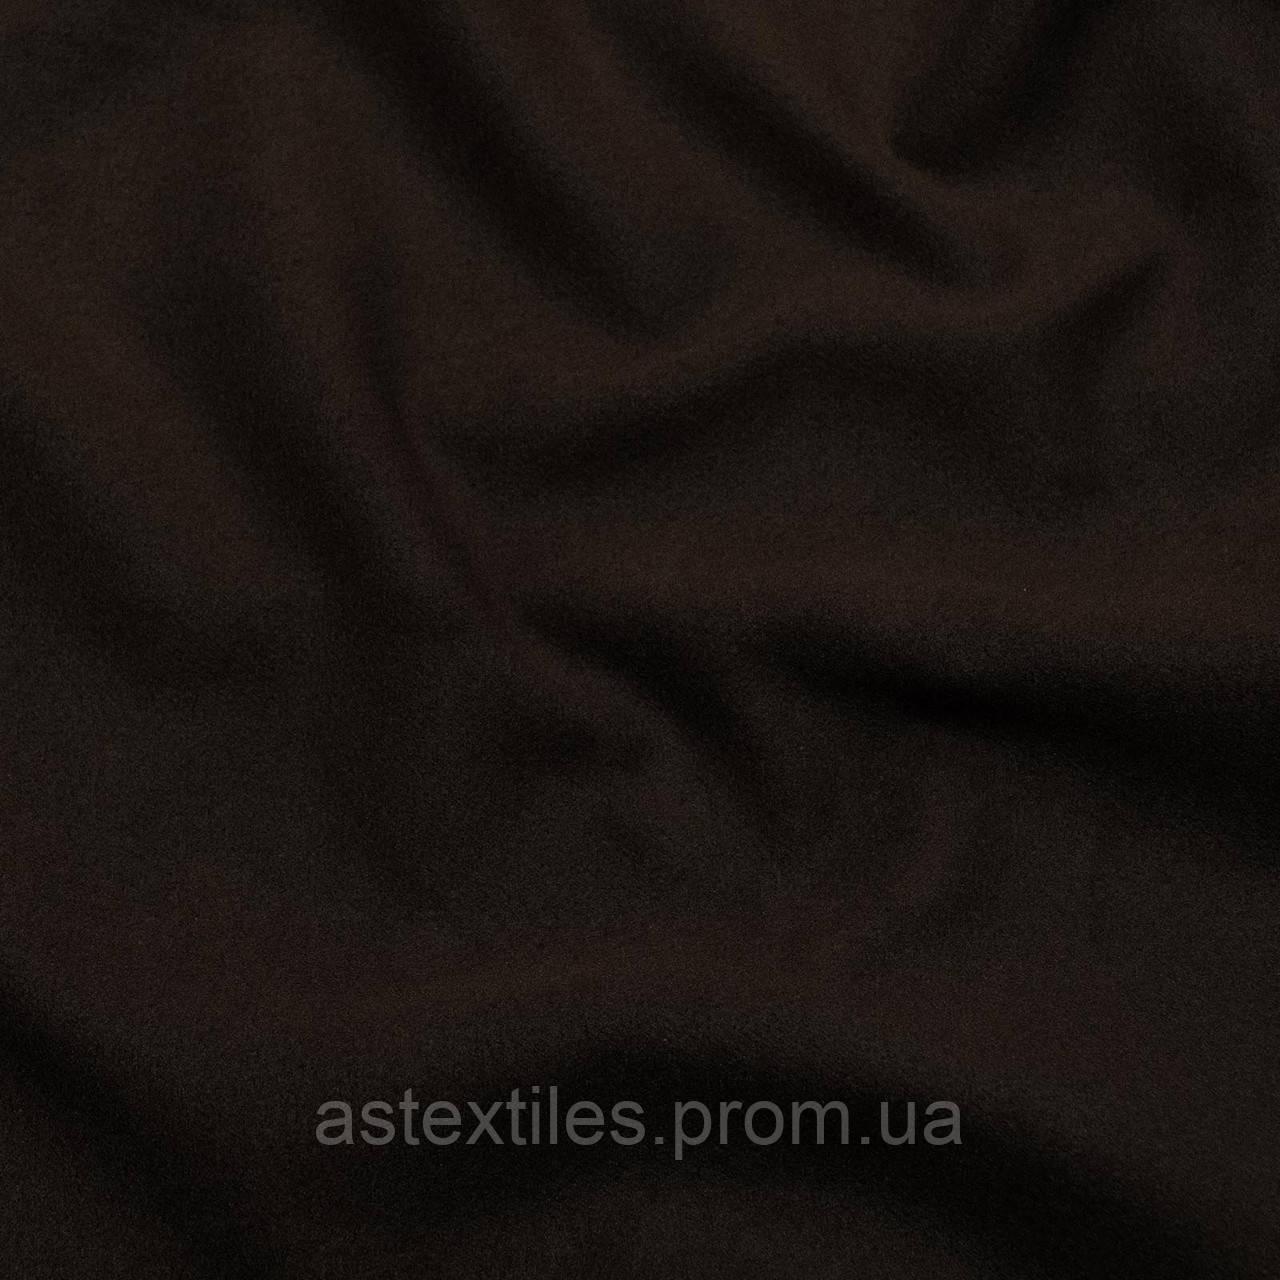 Кашемір (коричневий)